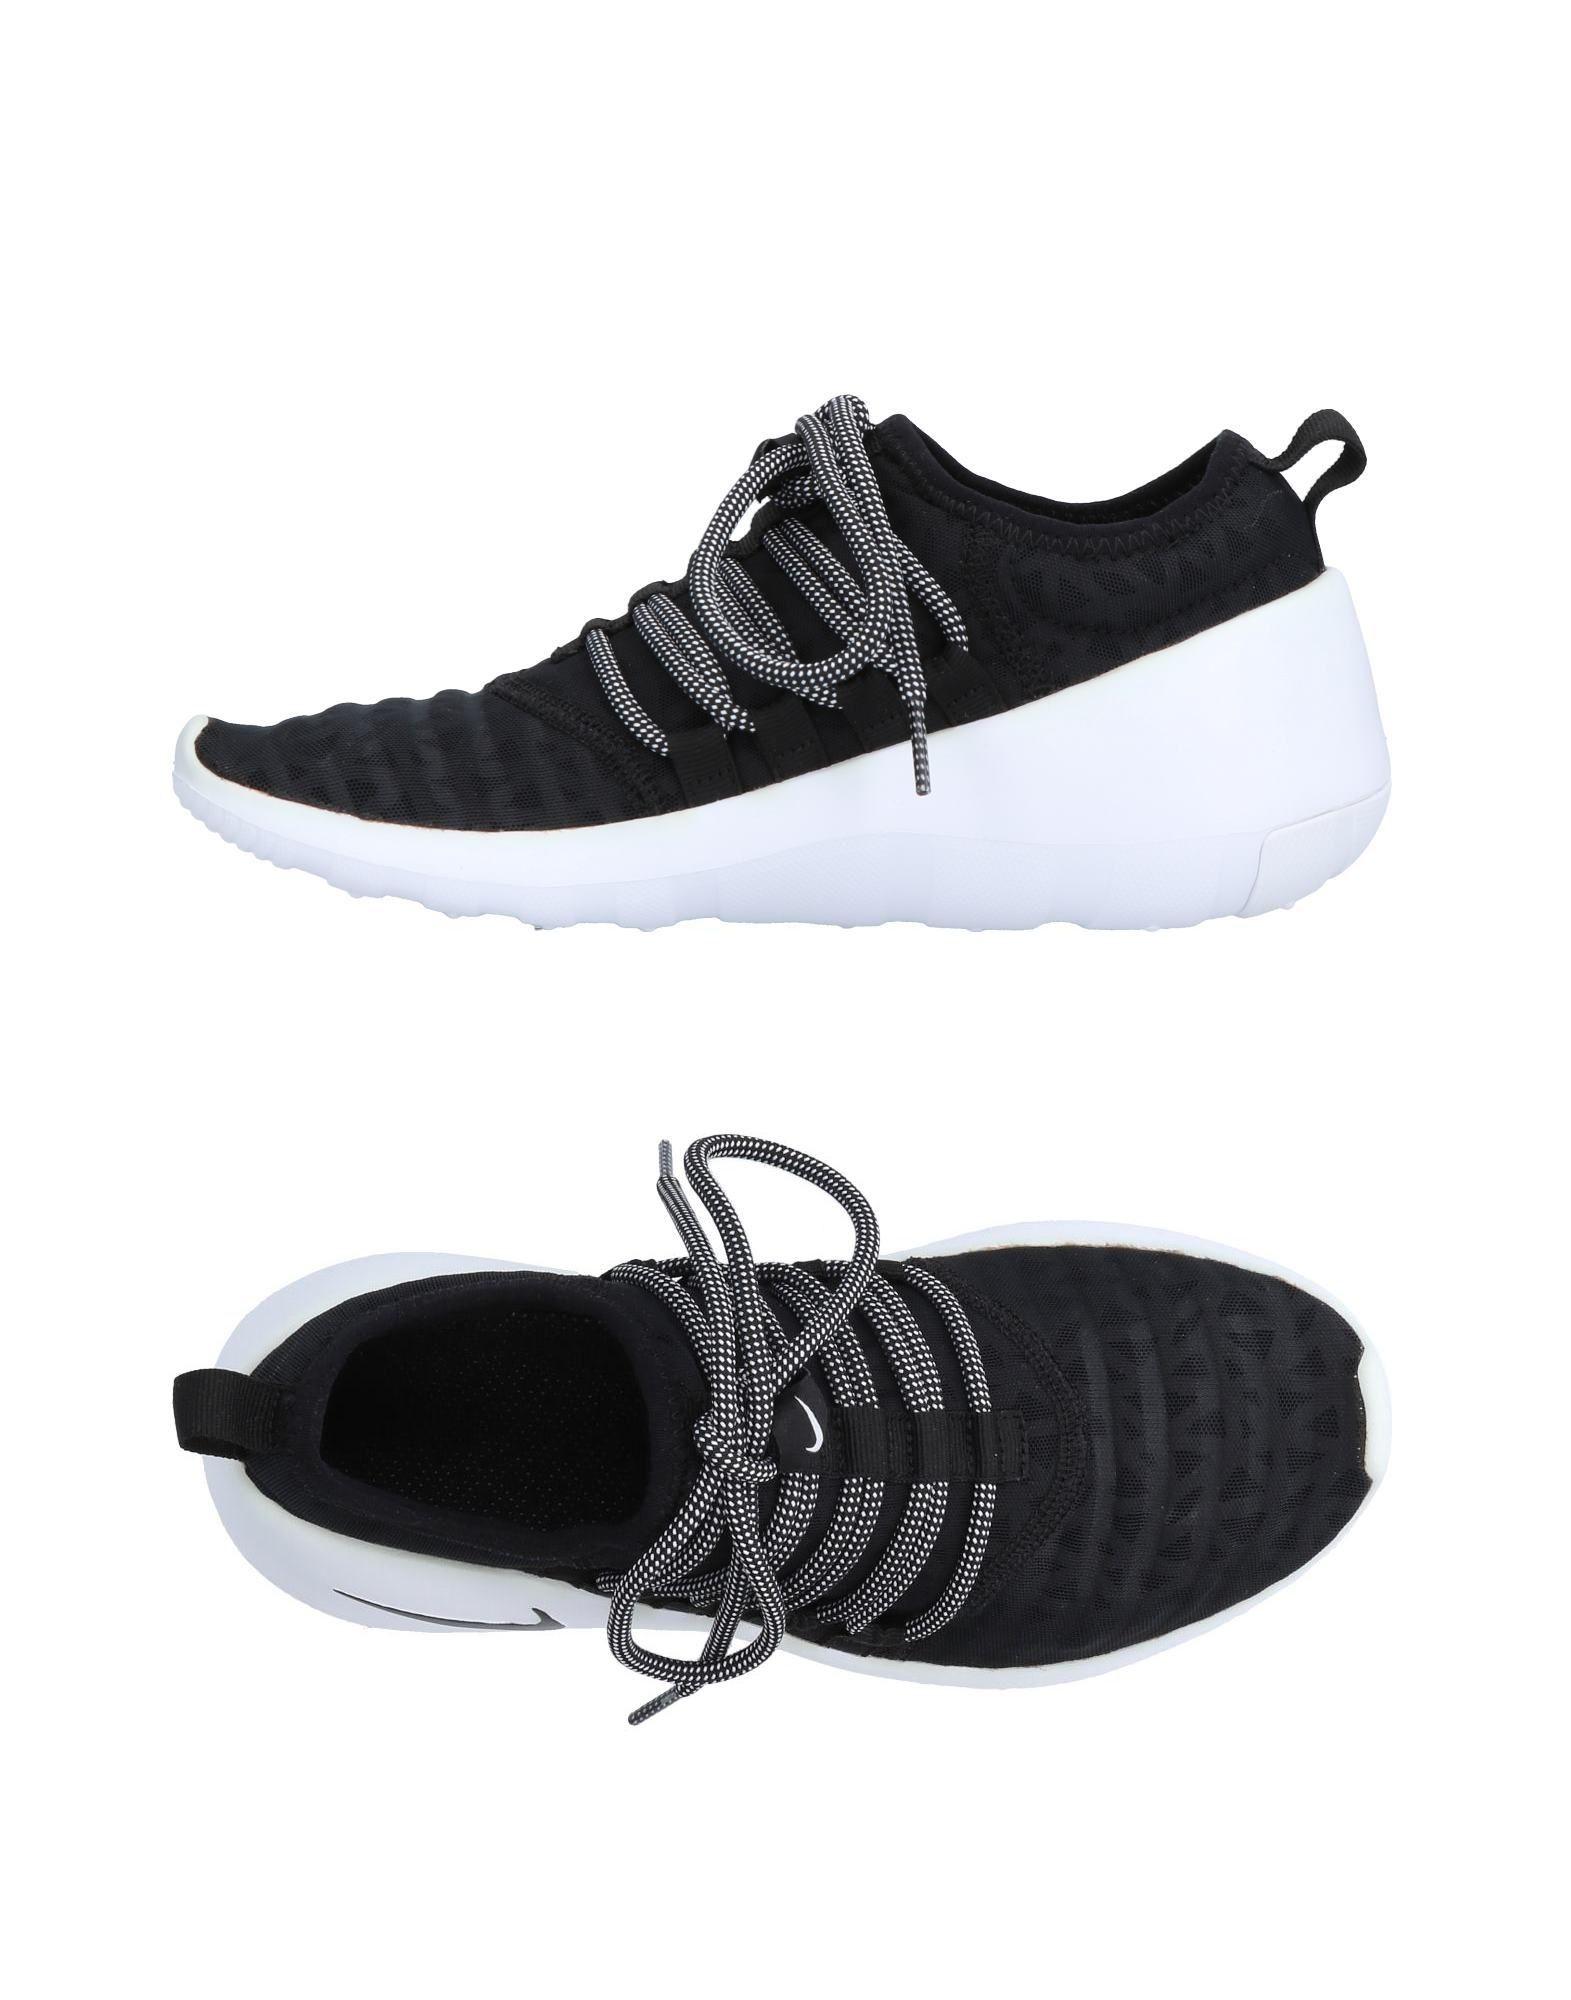 Scarpe economiche e resistenti Sneakers Nike Donna - 11503062MD